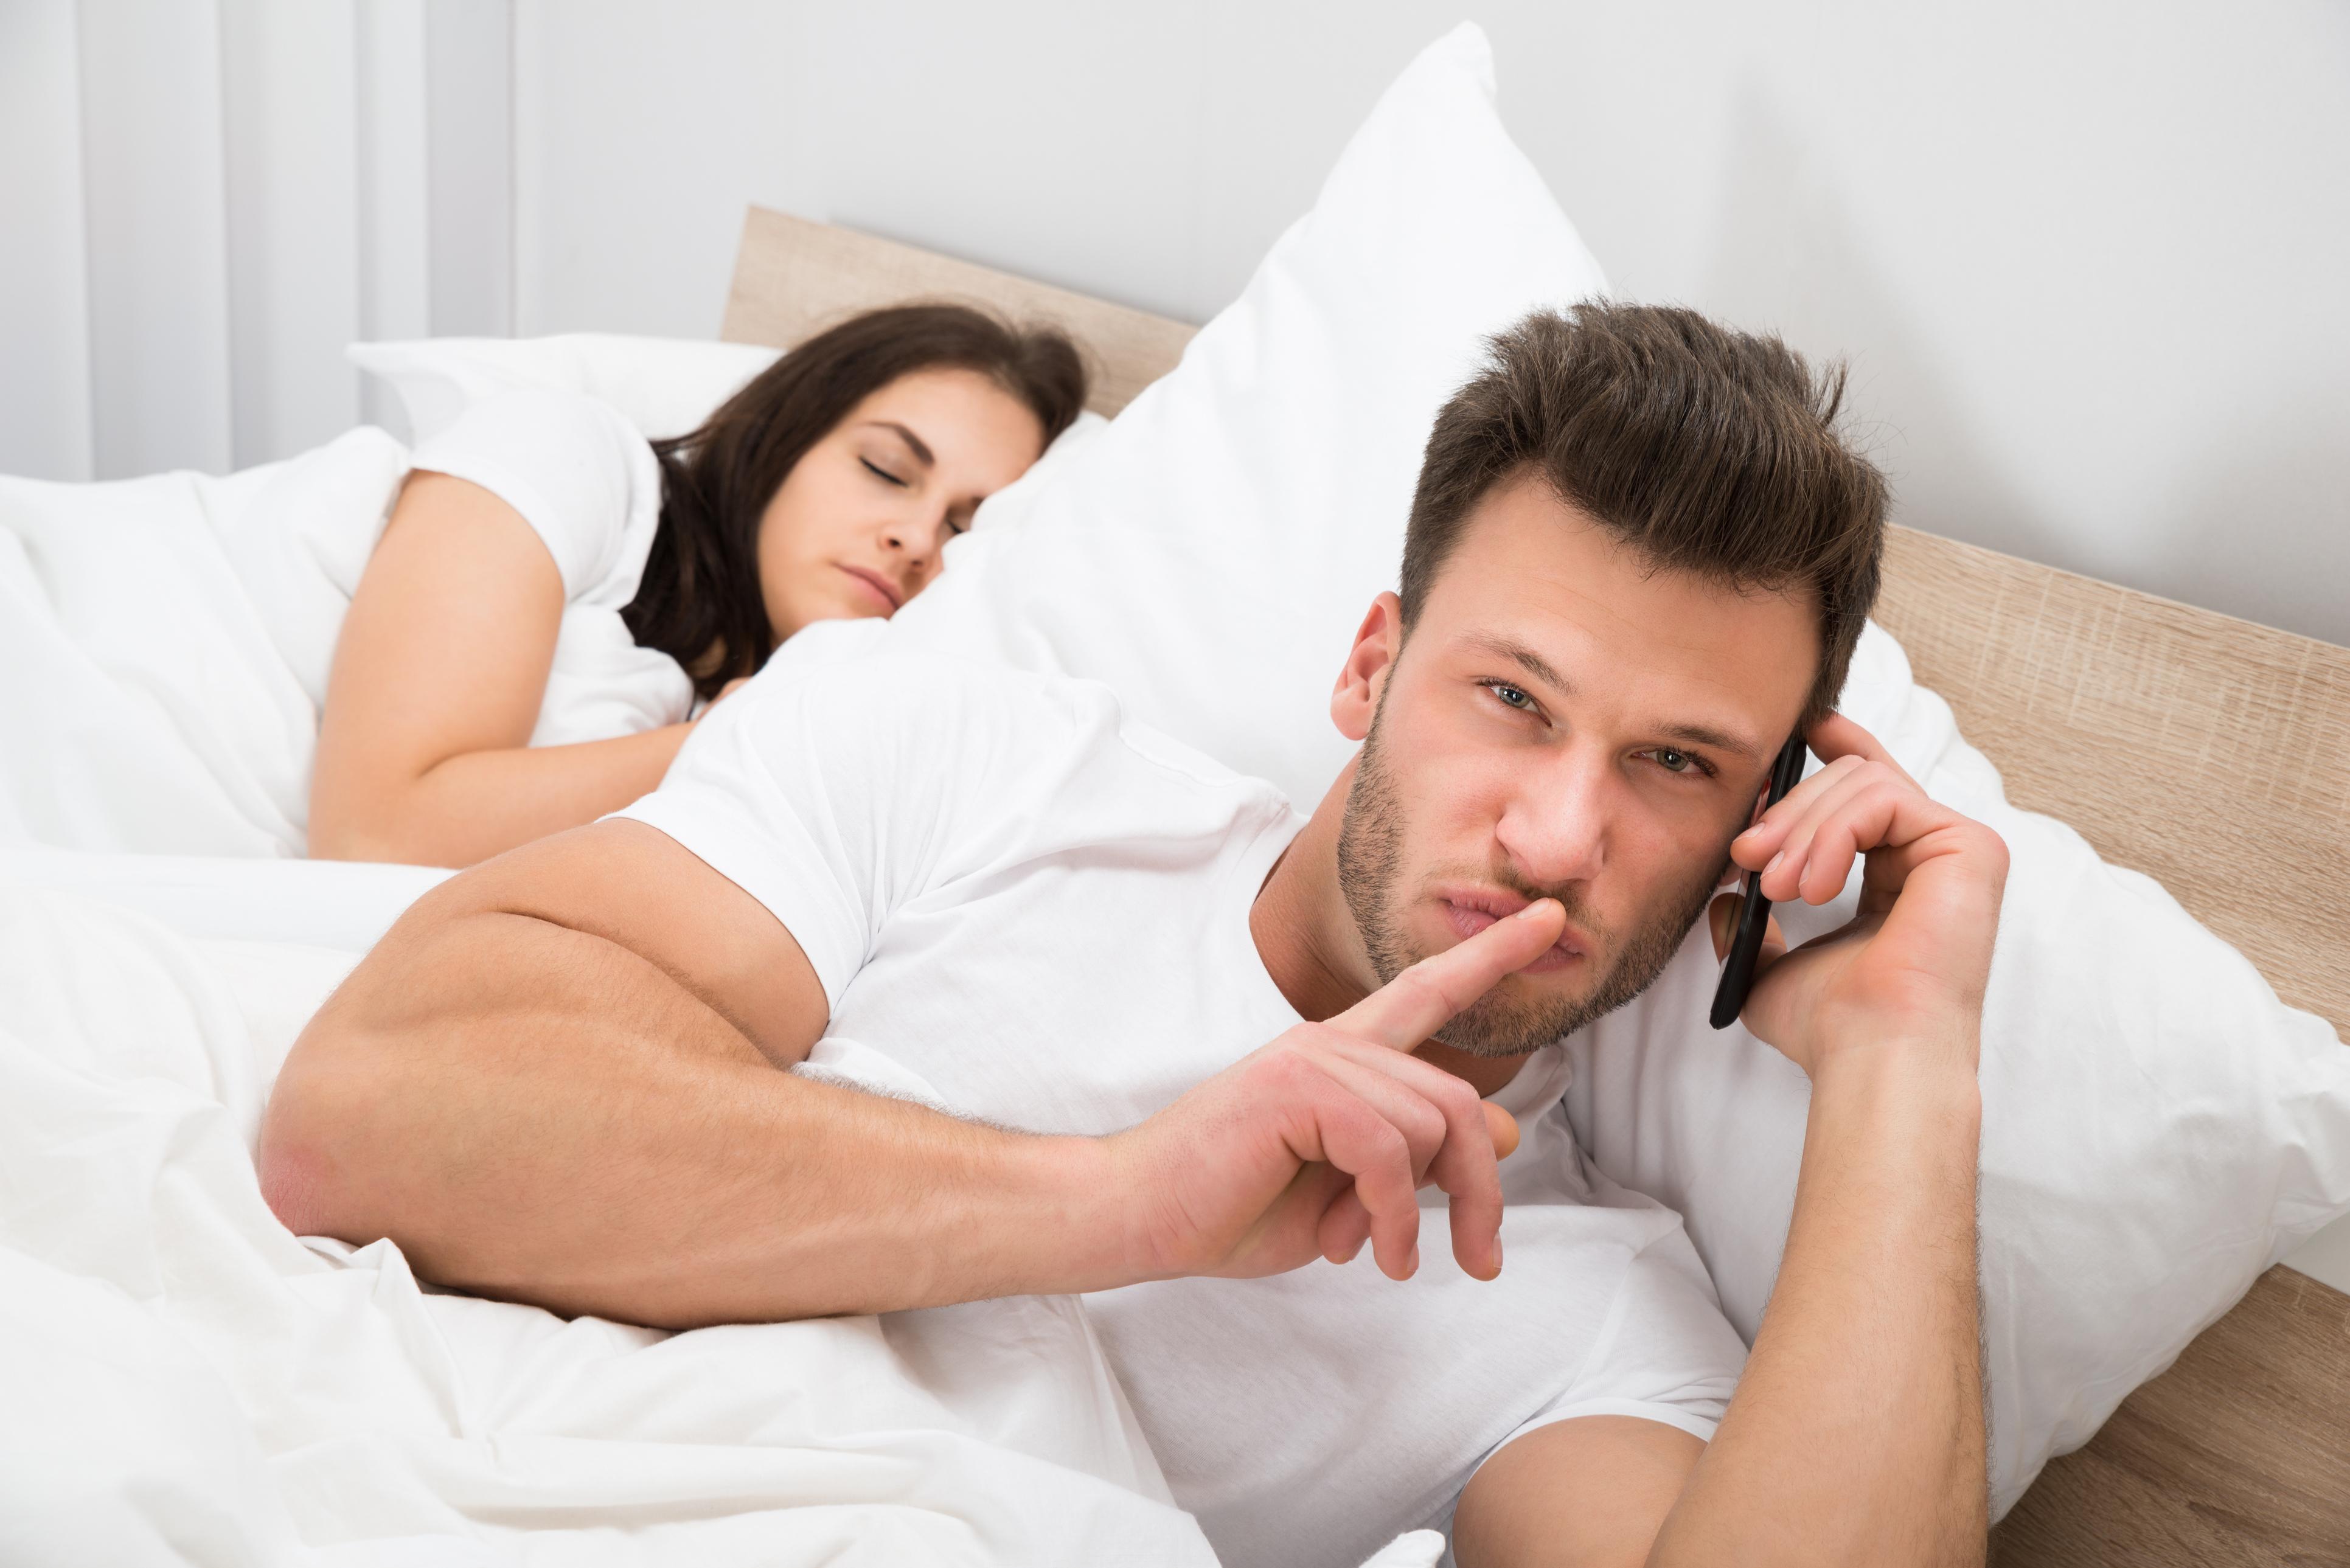 <p>Партньорът ти започва често да планира групови излизания, за които отправя специална покана на приятелката ти.</p>